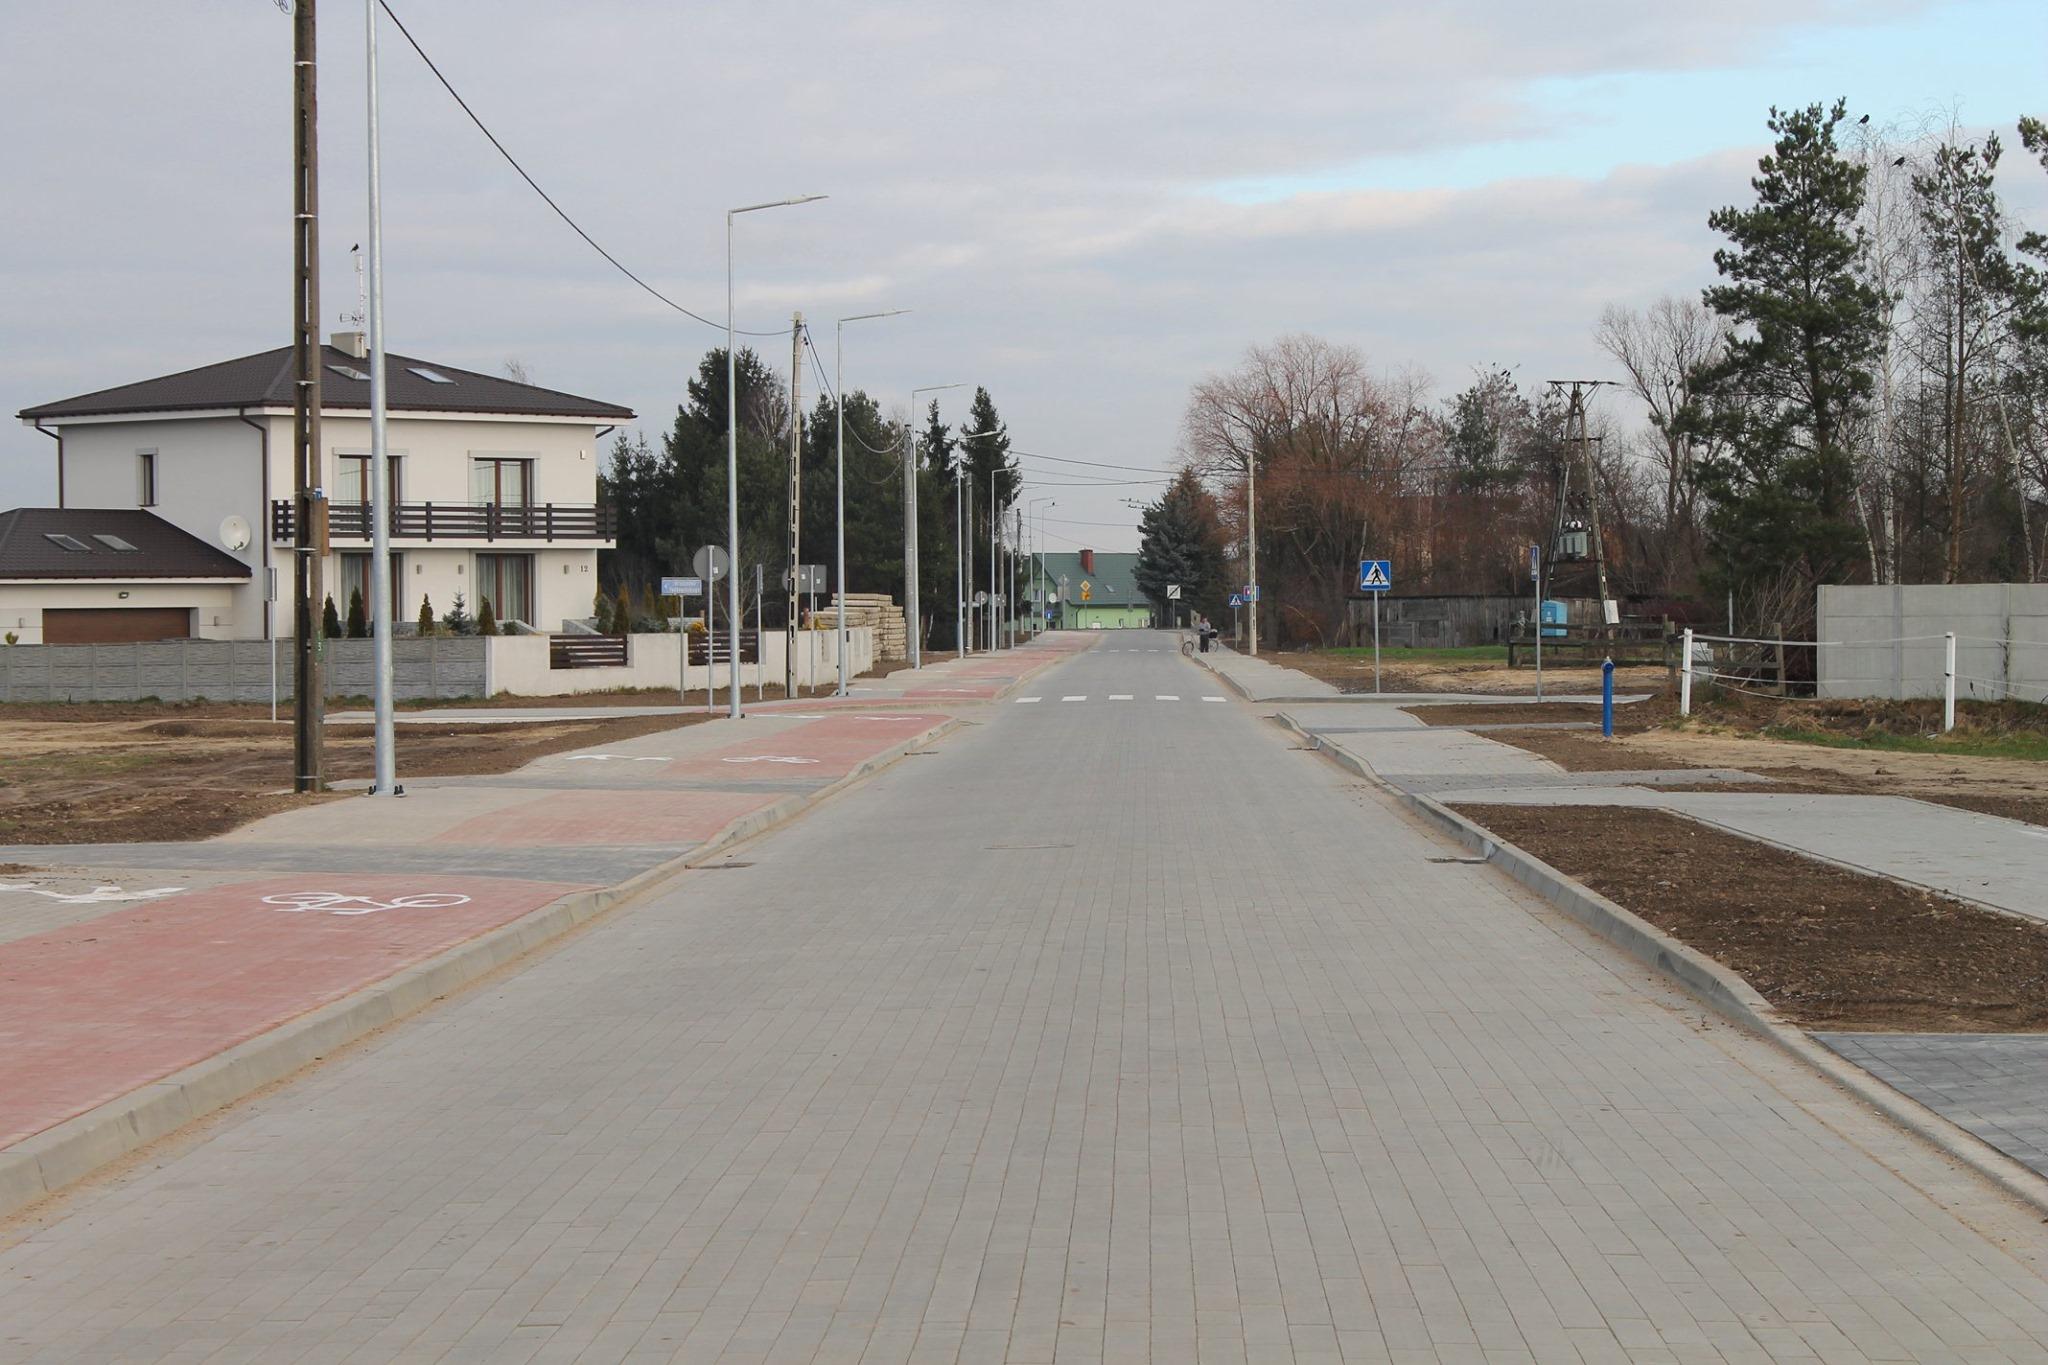 Nowo wybudowana ul. Leśna gotowa. Budowa kosztowała 2,77 mln zł.